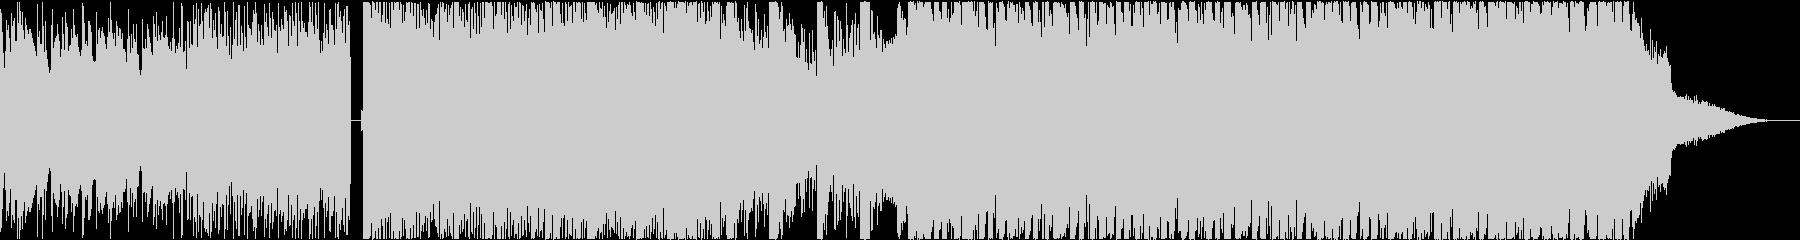 ストリングスにピアノが絡むサントラものの未再生の波形